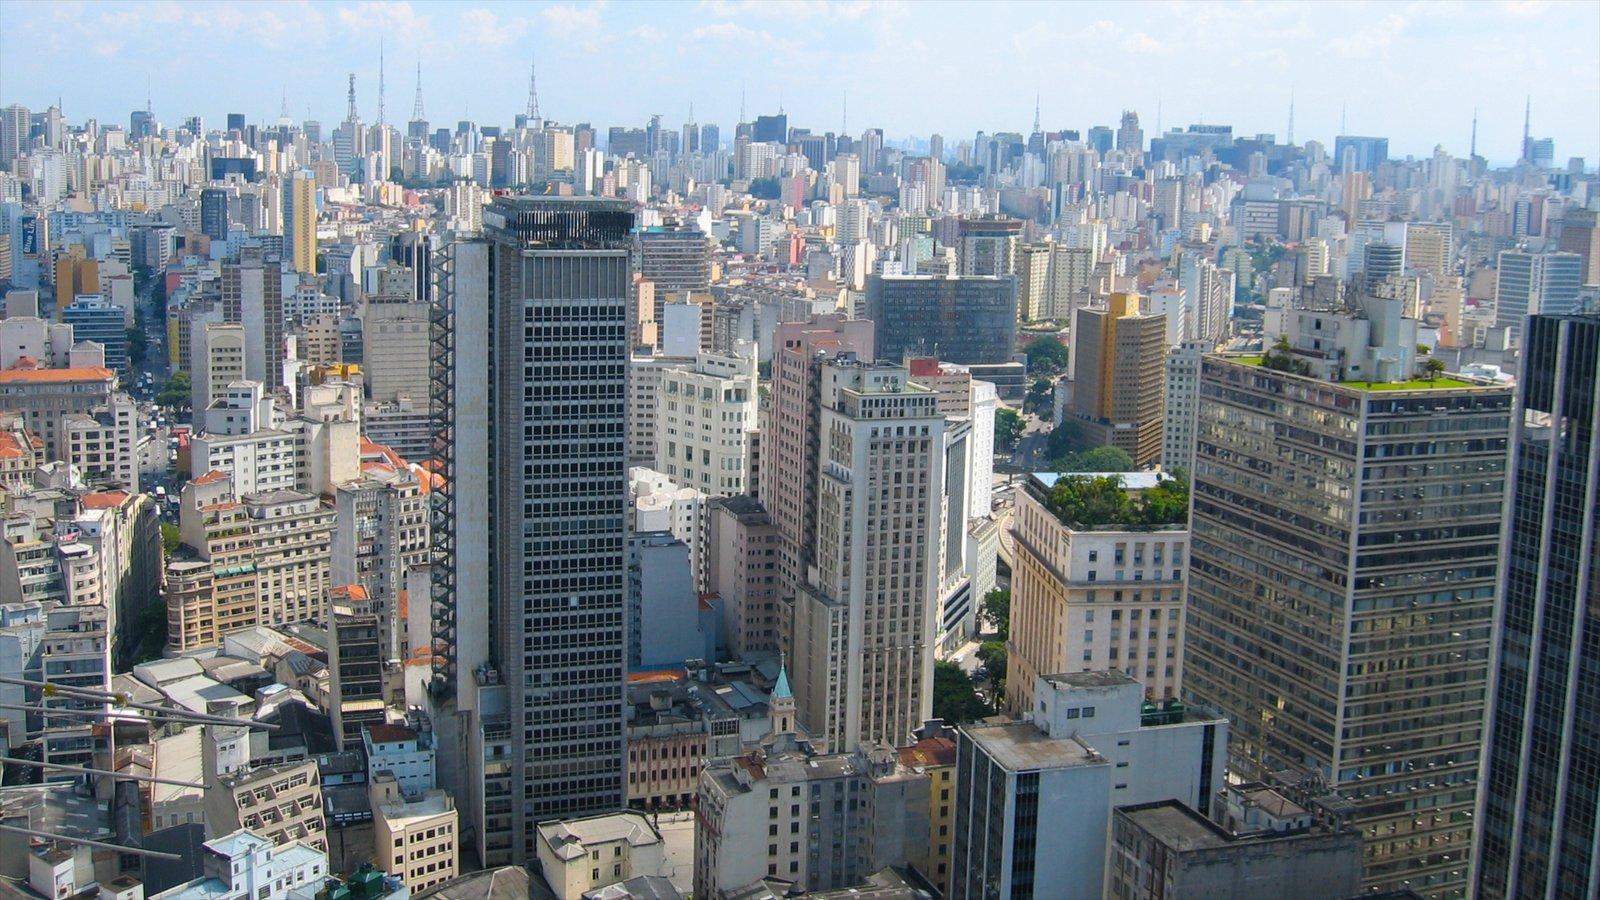 São Paulo mostrando um edifício, distrito comercial central e uma cidade